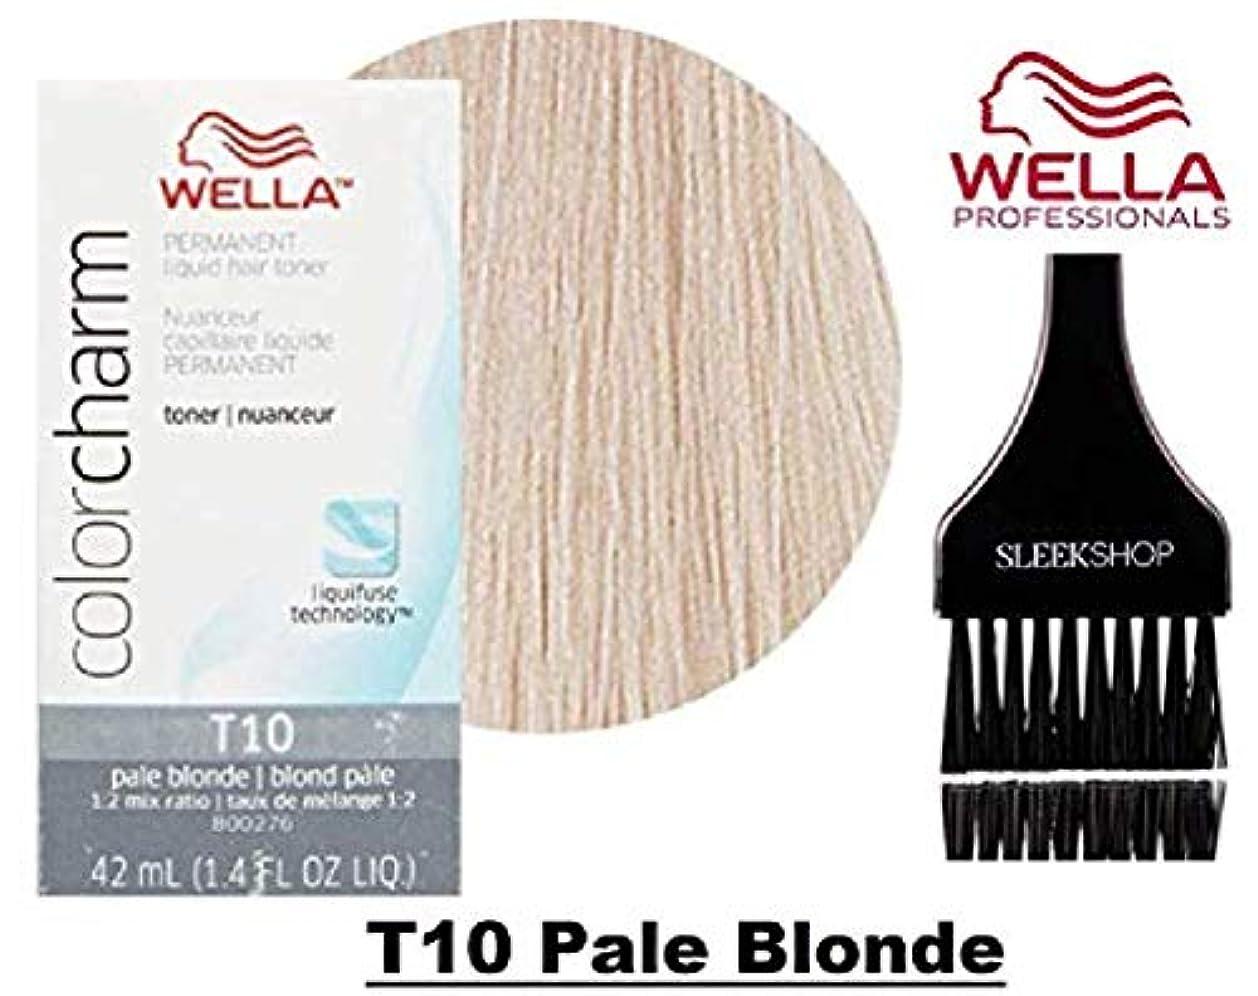 保証する伝説十分なCoty Wella ウエラカラーチャームパーマネントリキッドヘアトナー(なめらかな色合いブラシ)ヘアカラーLiquifuse、1:2の混合比ヘアカラー色素 T10ペールブロンド。